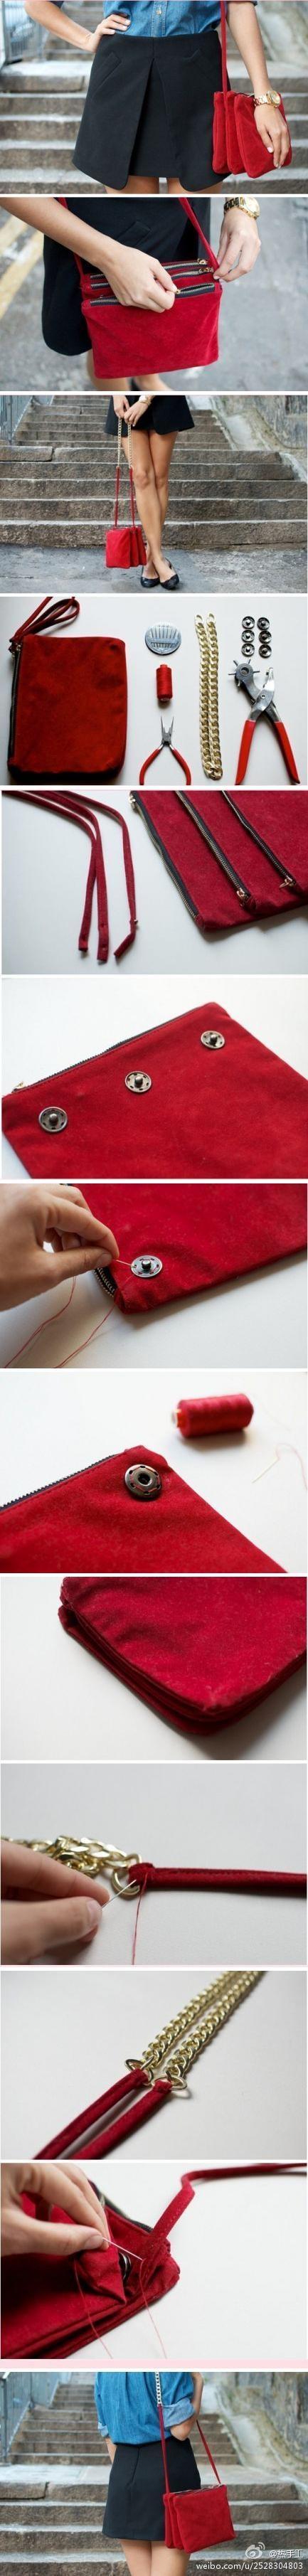 DIY handbag - zzkko.com